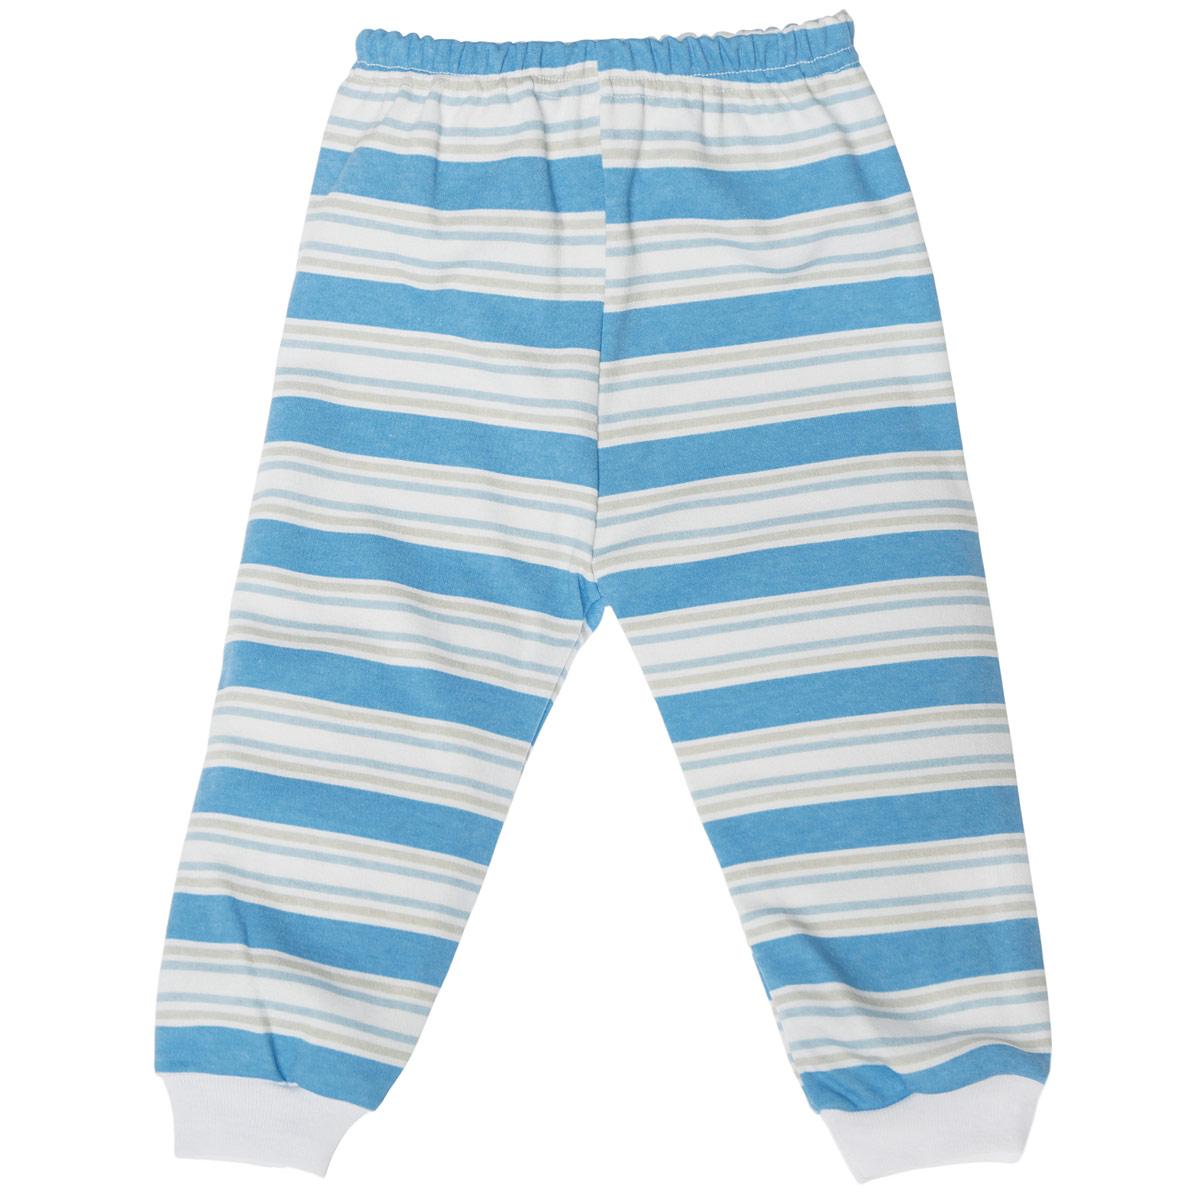 Штанишки5315_полоскаУдобные штанишки Трон-плюс идеально подойдут вашему ребенку и станут отличным дополнением к детскому гардеробу. Изготовленные из натурального хлопка, они необычайно мягкие и легкие, не сковывают движения, позволяют коже дышать и не раздражают даже самую нежную и чувствительную кожу ребенка. Штанишки на талии имеют эластичную резинку, благодаря чему они не сдавливают животик ребенка и не сползают. Низ штанишек дополнен широкими эластичными манжетами. Оформлена модель принтом в полоску. В таких штанишках ваш ребенок будет чувствовать себя комфортно и уютно.